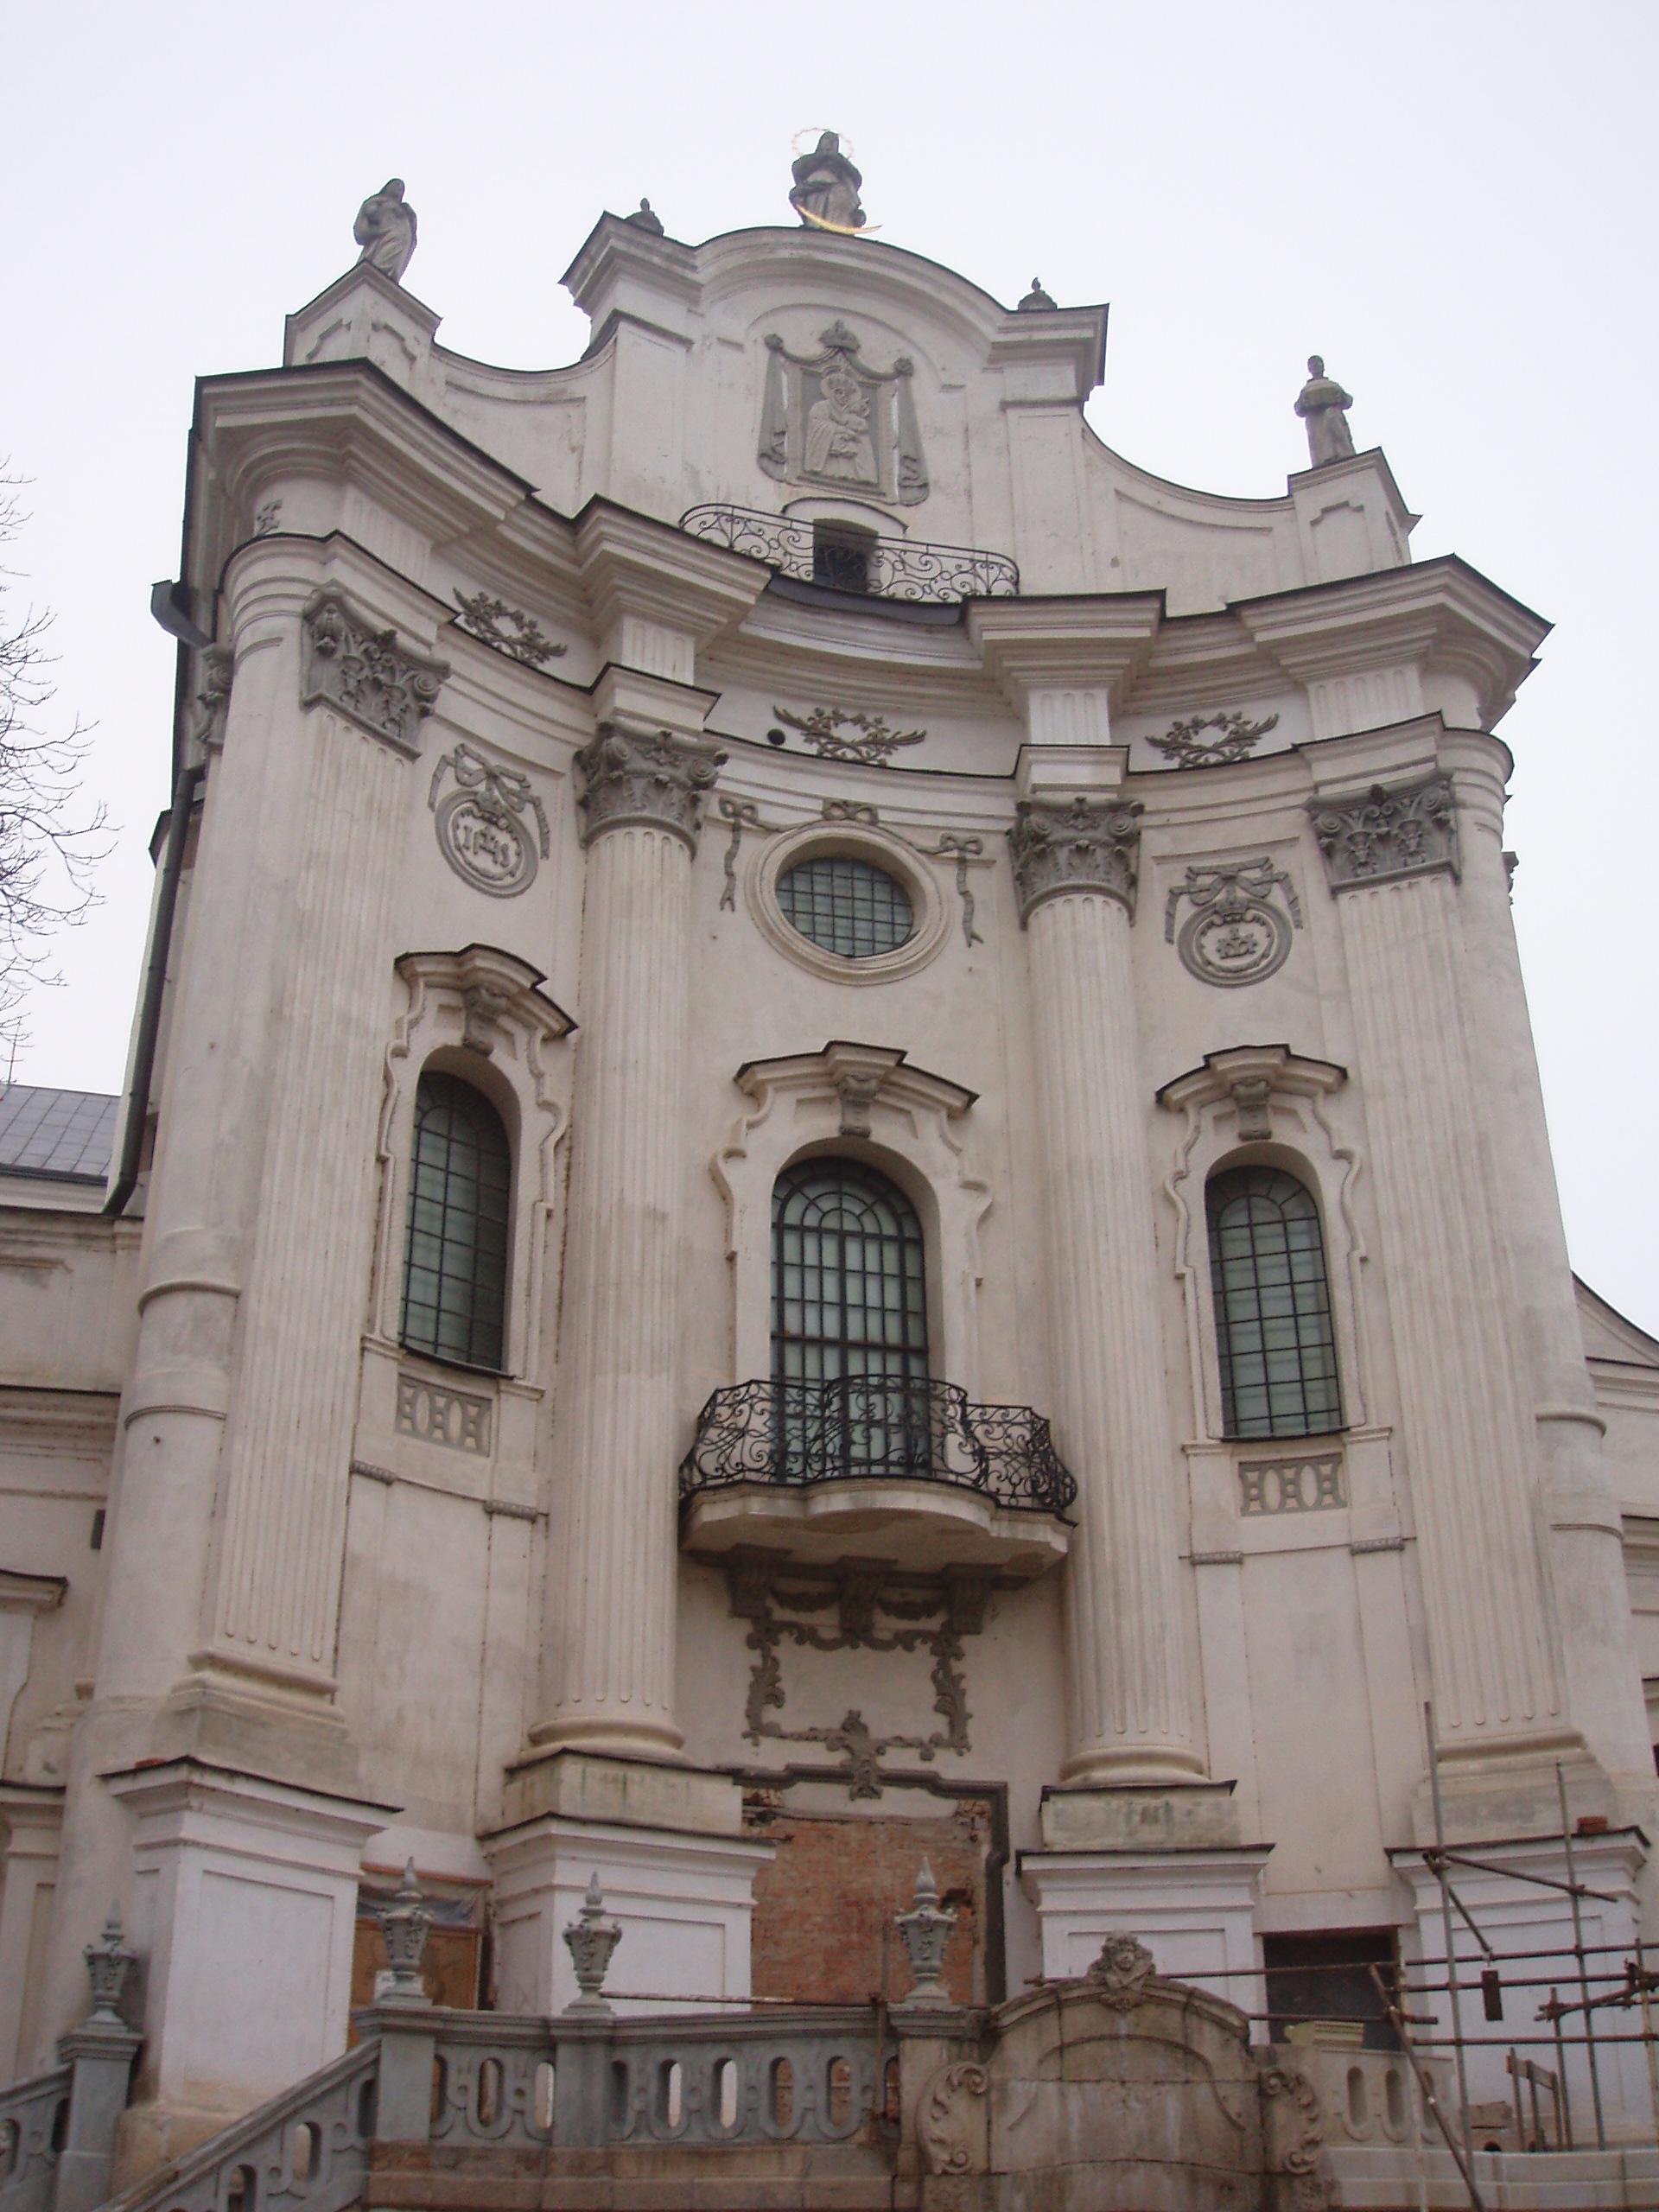 Zdjęcie pobrano z commons.wikimedia.org